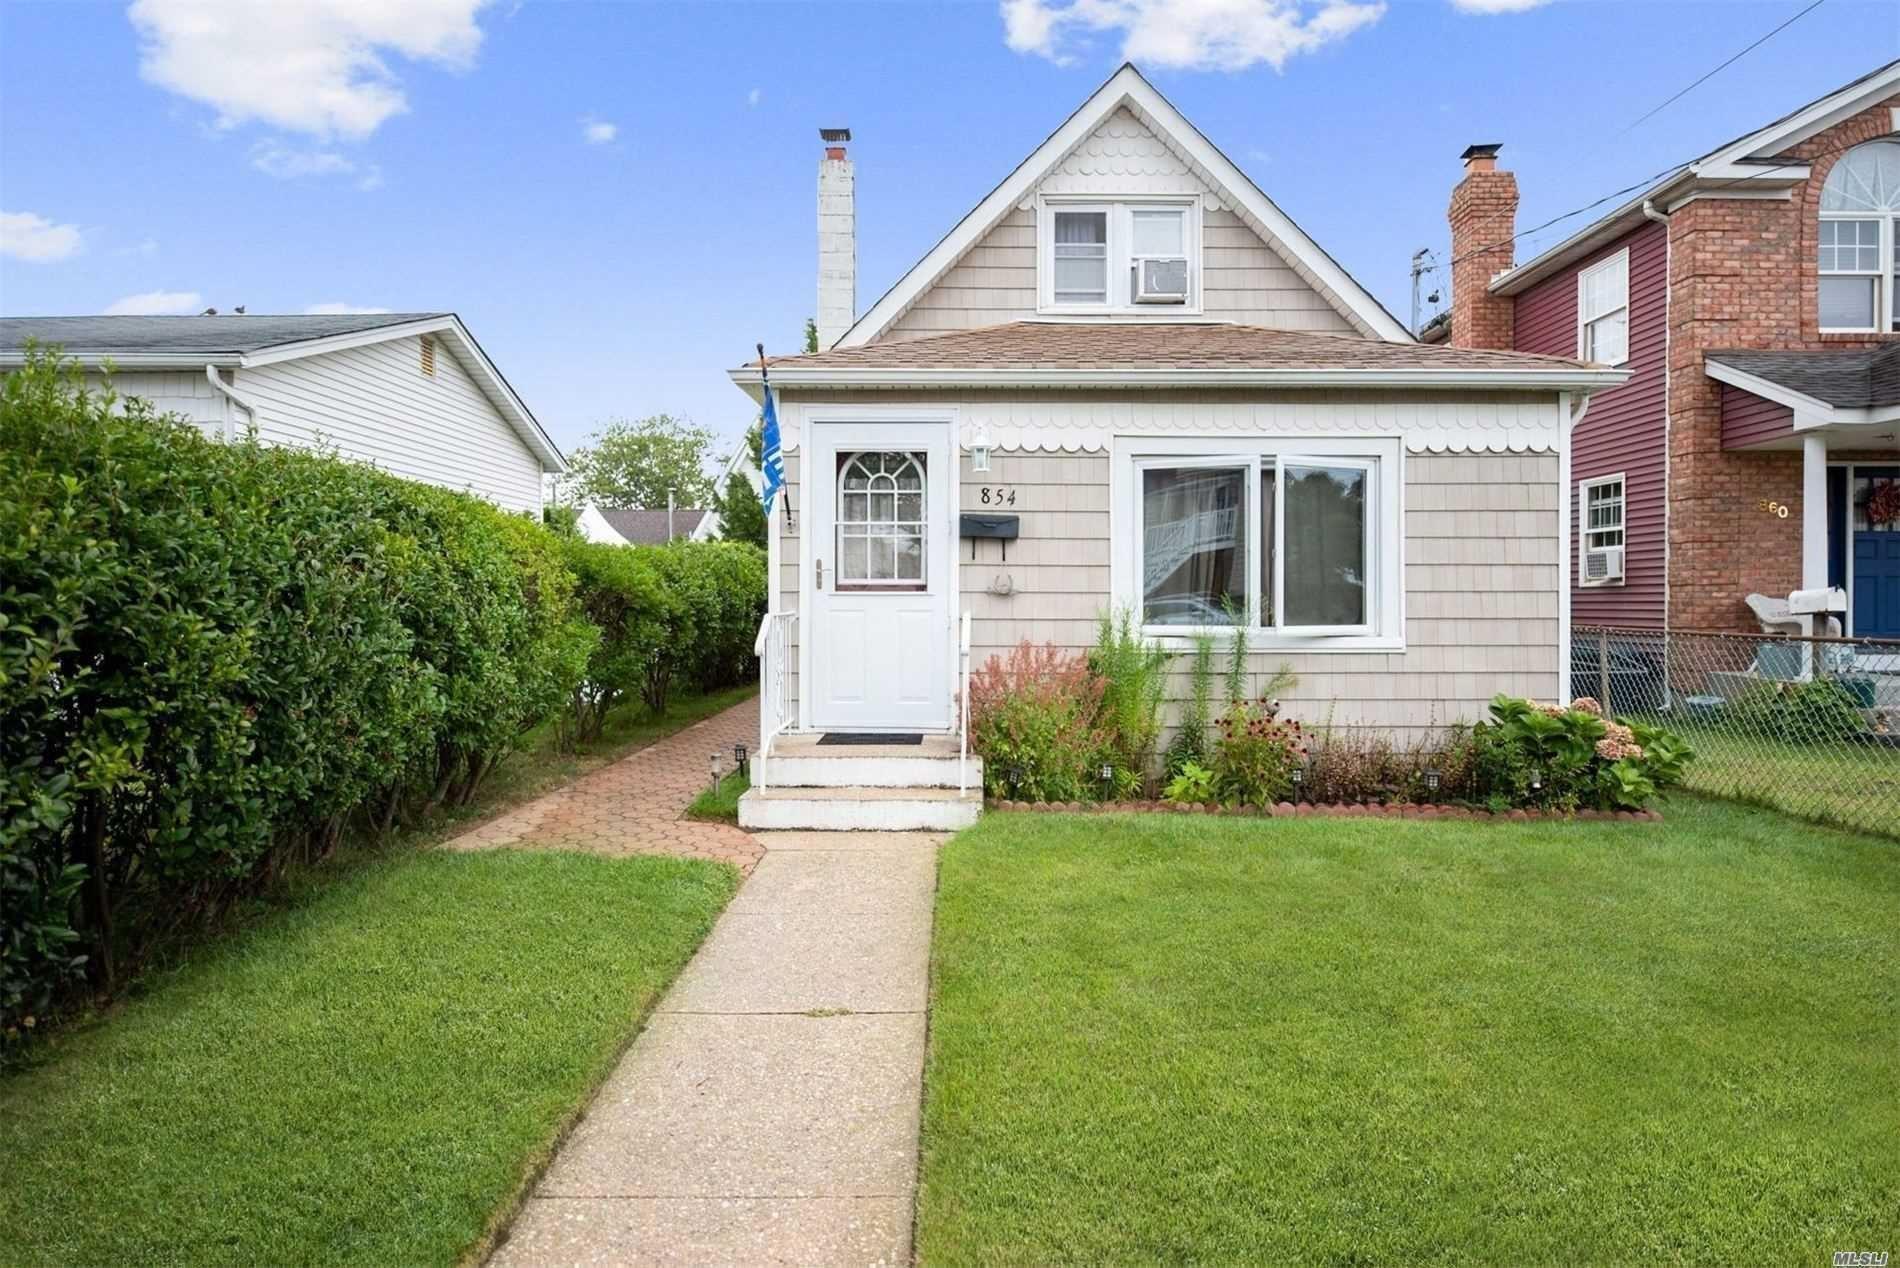 854 S 5th Street, Lindenhurst, NY 11757 - MLS#: 3200625